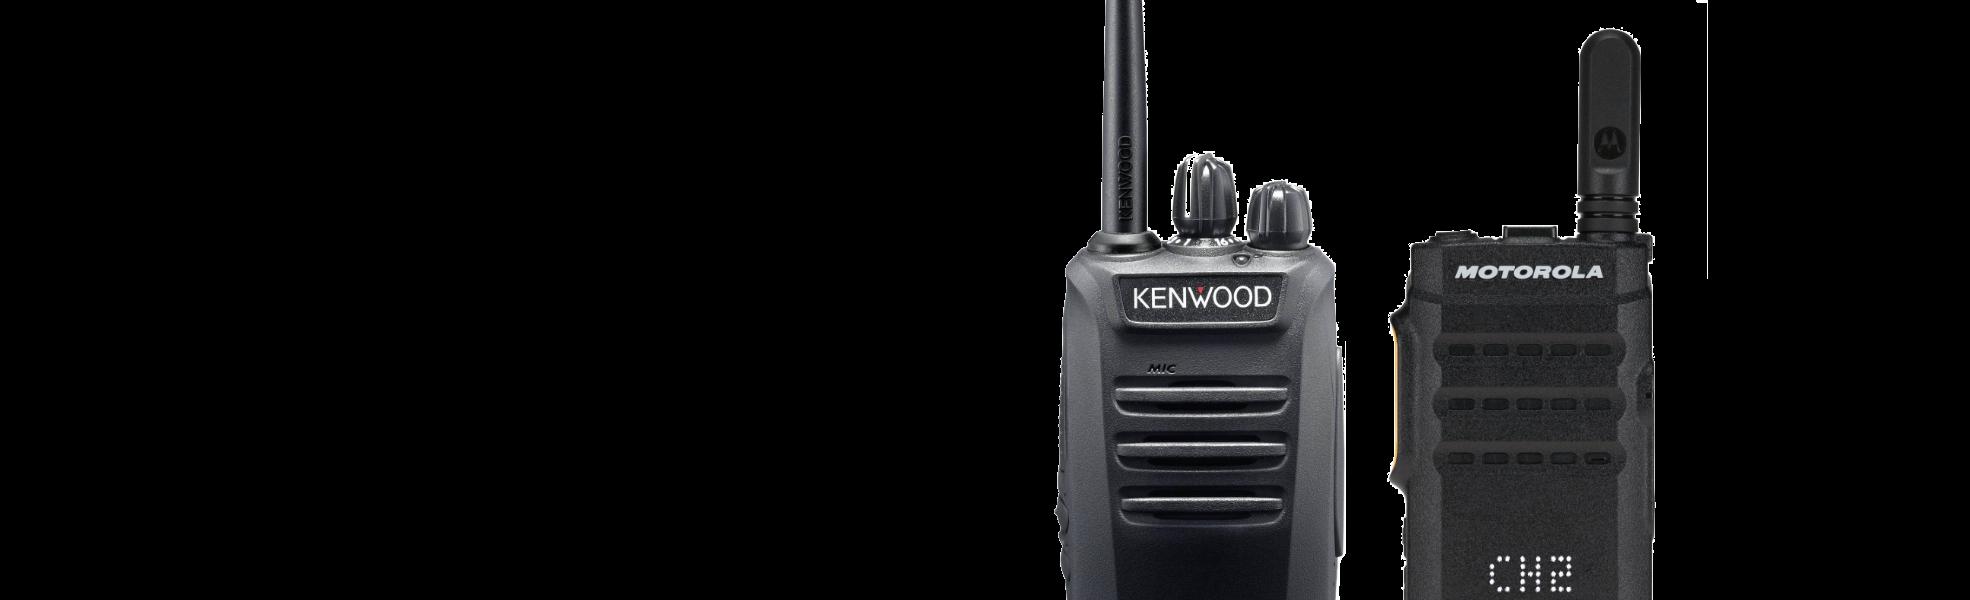 Verschil tussen portofoons en walkie talkies